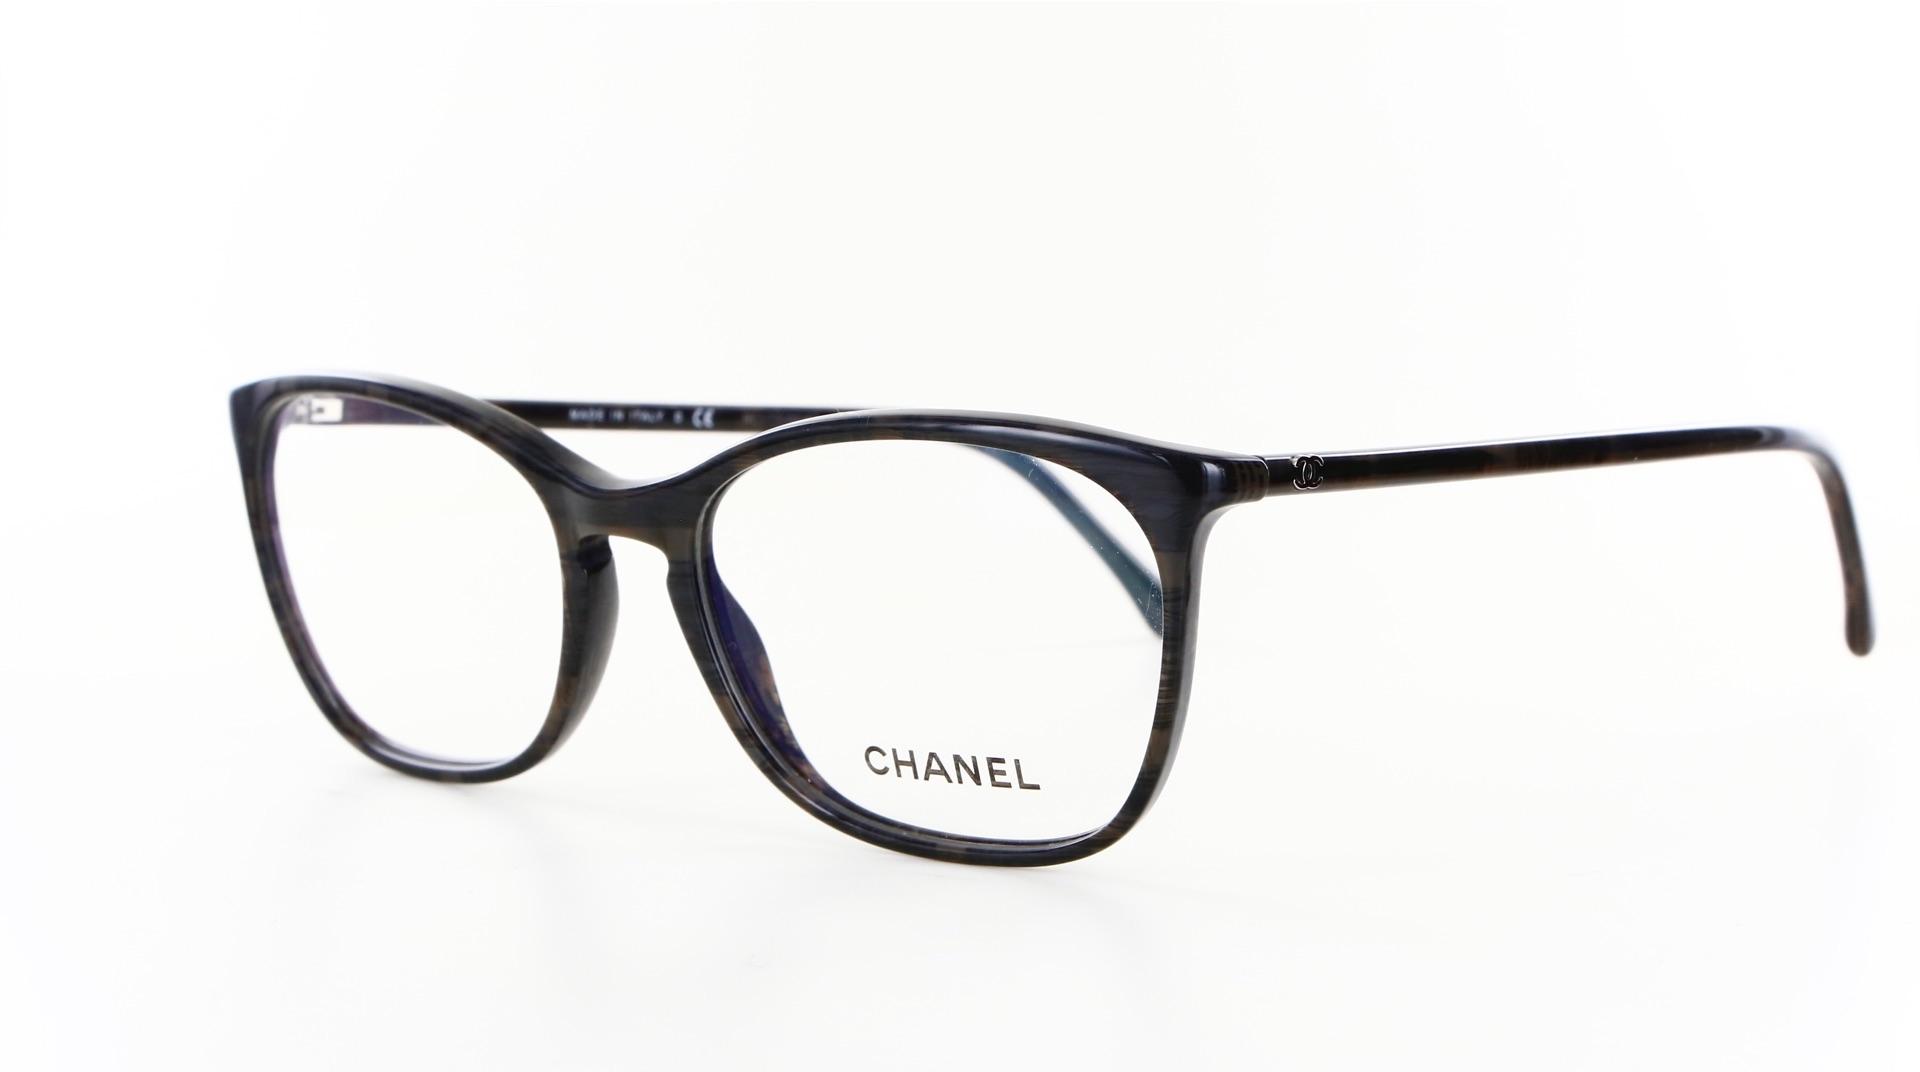 Chanel - ref: 69928